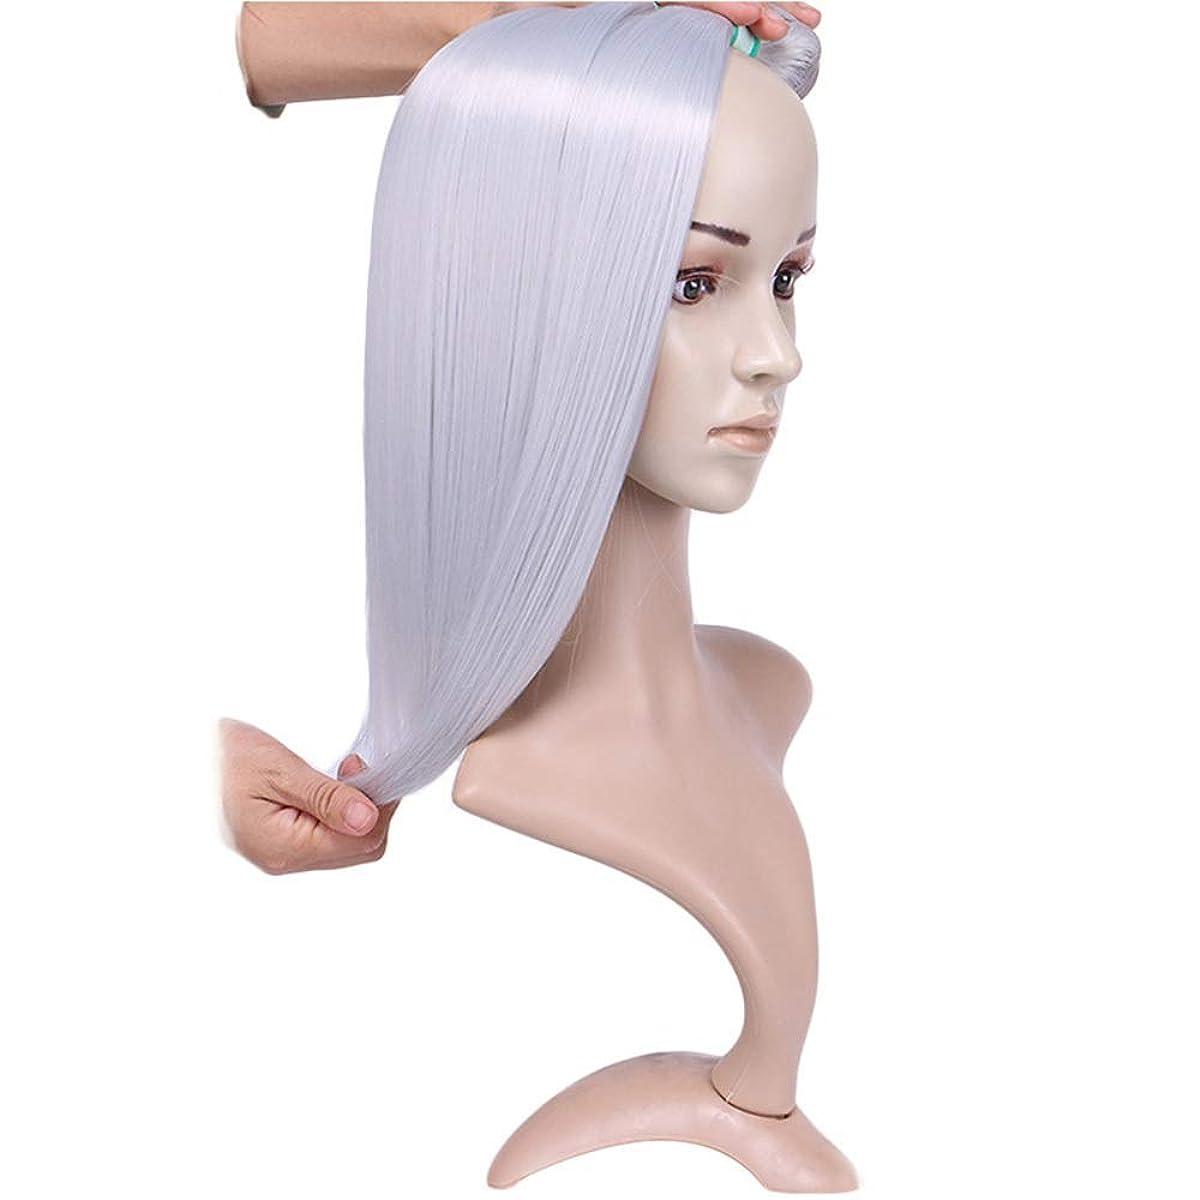 ブラウン抑制誇りに思うBOBIDYEE シルバーグレーストレートヘアバンドルシルキーストレート織り方長さ混合長(16 18 20)合成髪レースかつらロールプレイングかつら長くて短い女性自然 (色 : Silver grey, サイズ : 18